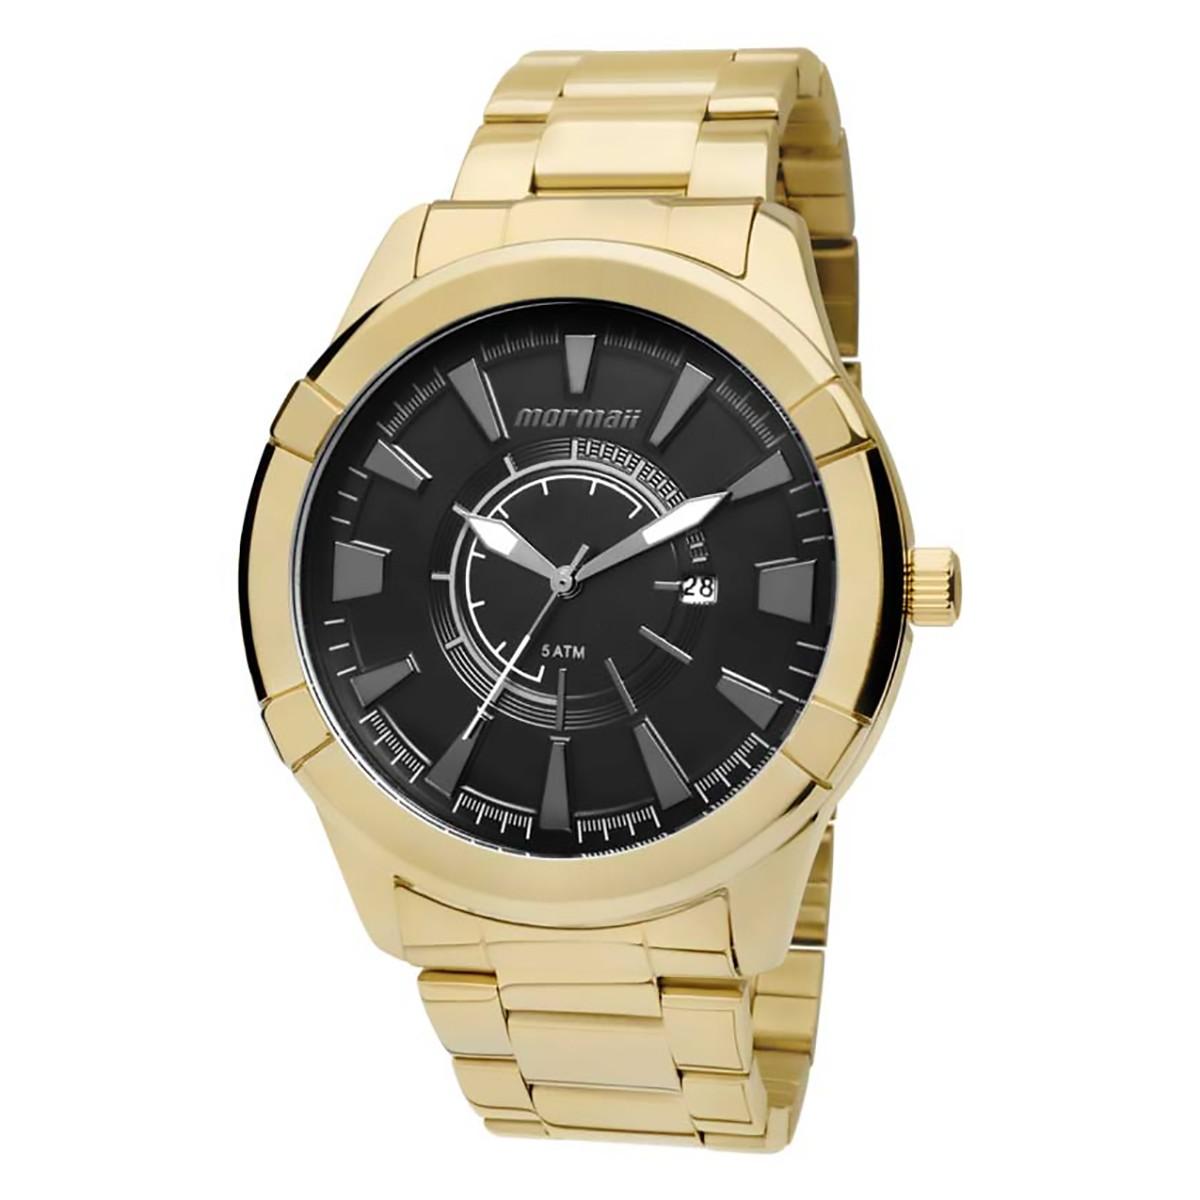 5121e5de7 Compre Relógio Mormaii em 10X | Tri-Jóia Shop